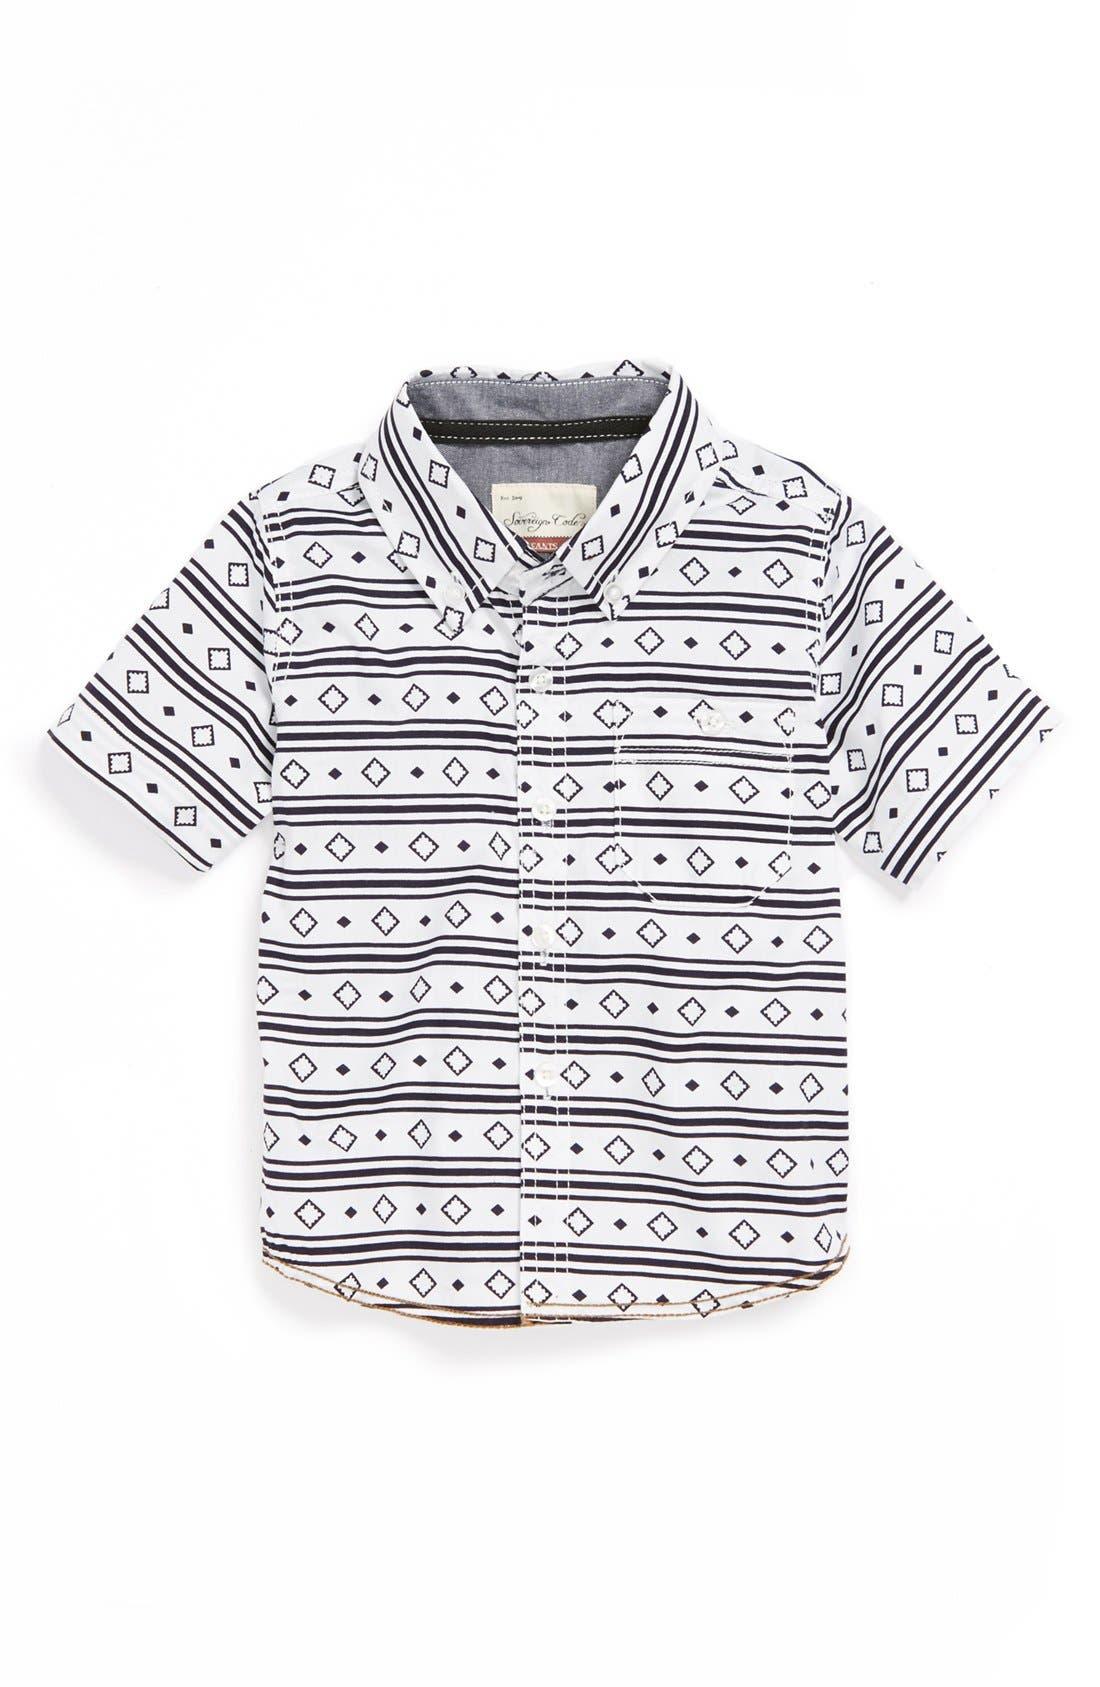 Main Image - Sovereign Code Woven Shirt (Toddler Boys)